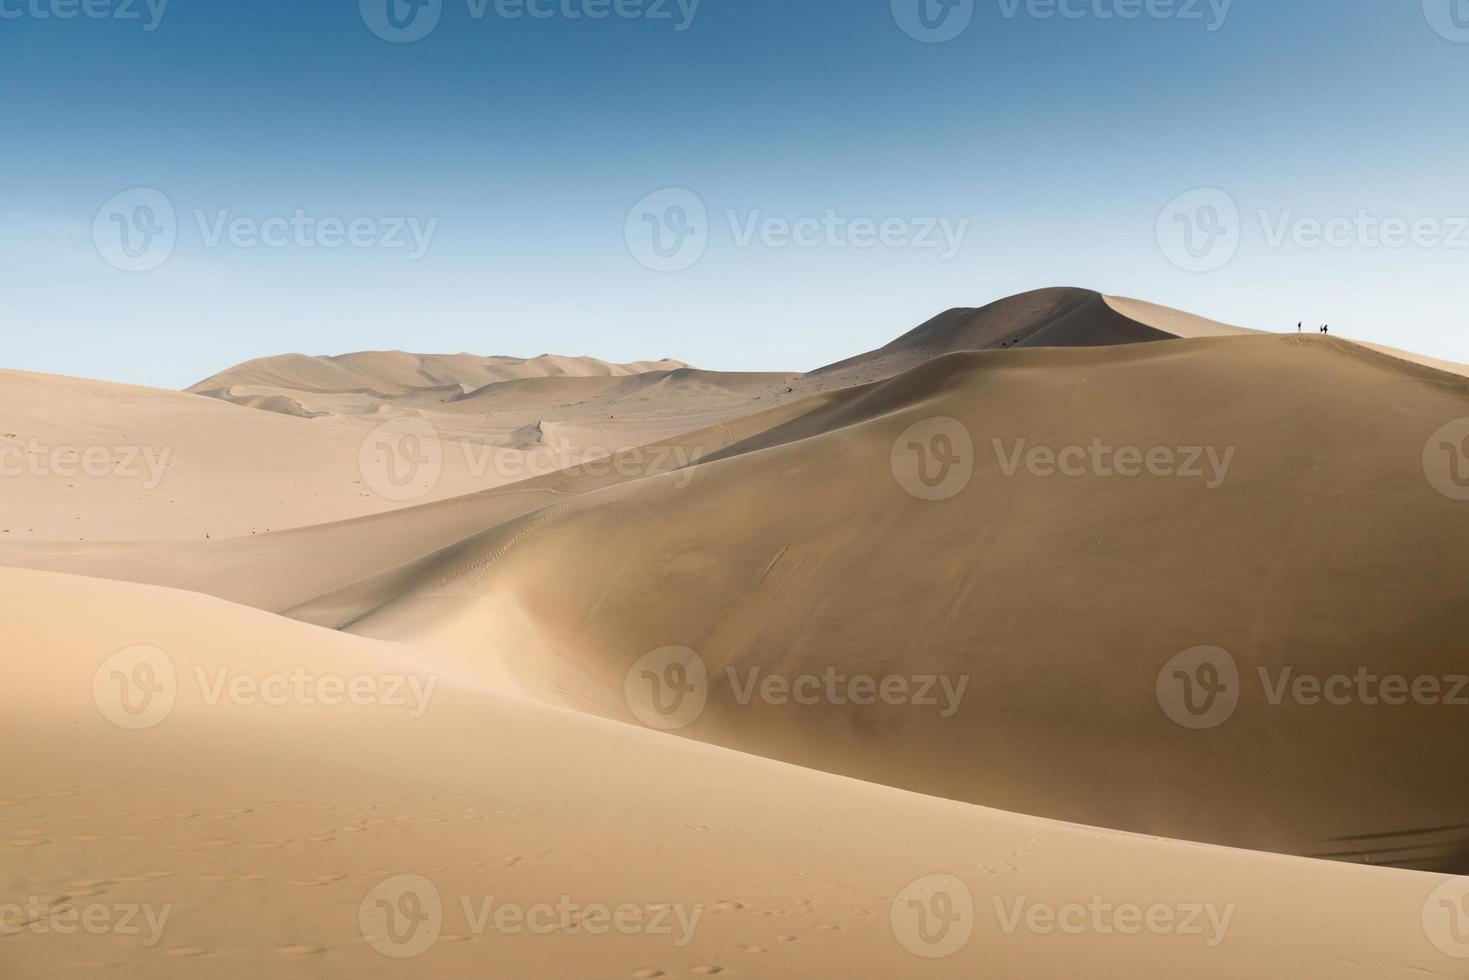 zandduinen in dunhuang, gansu van china foto